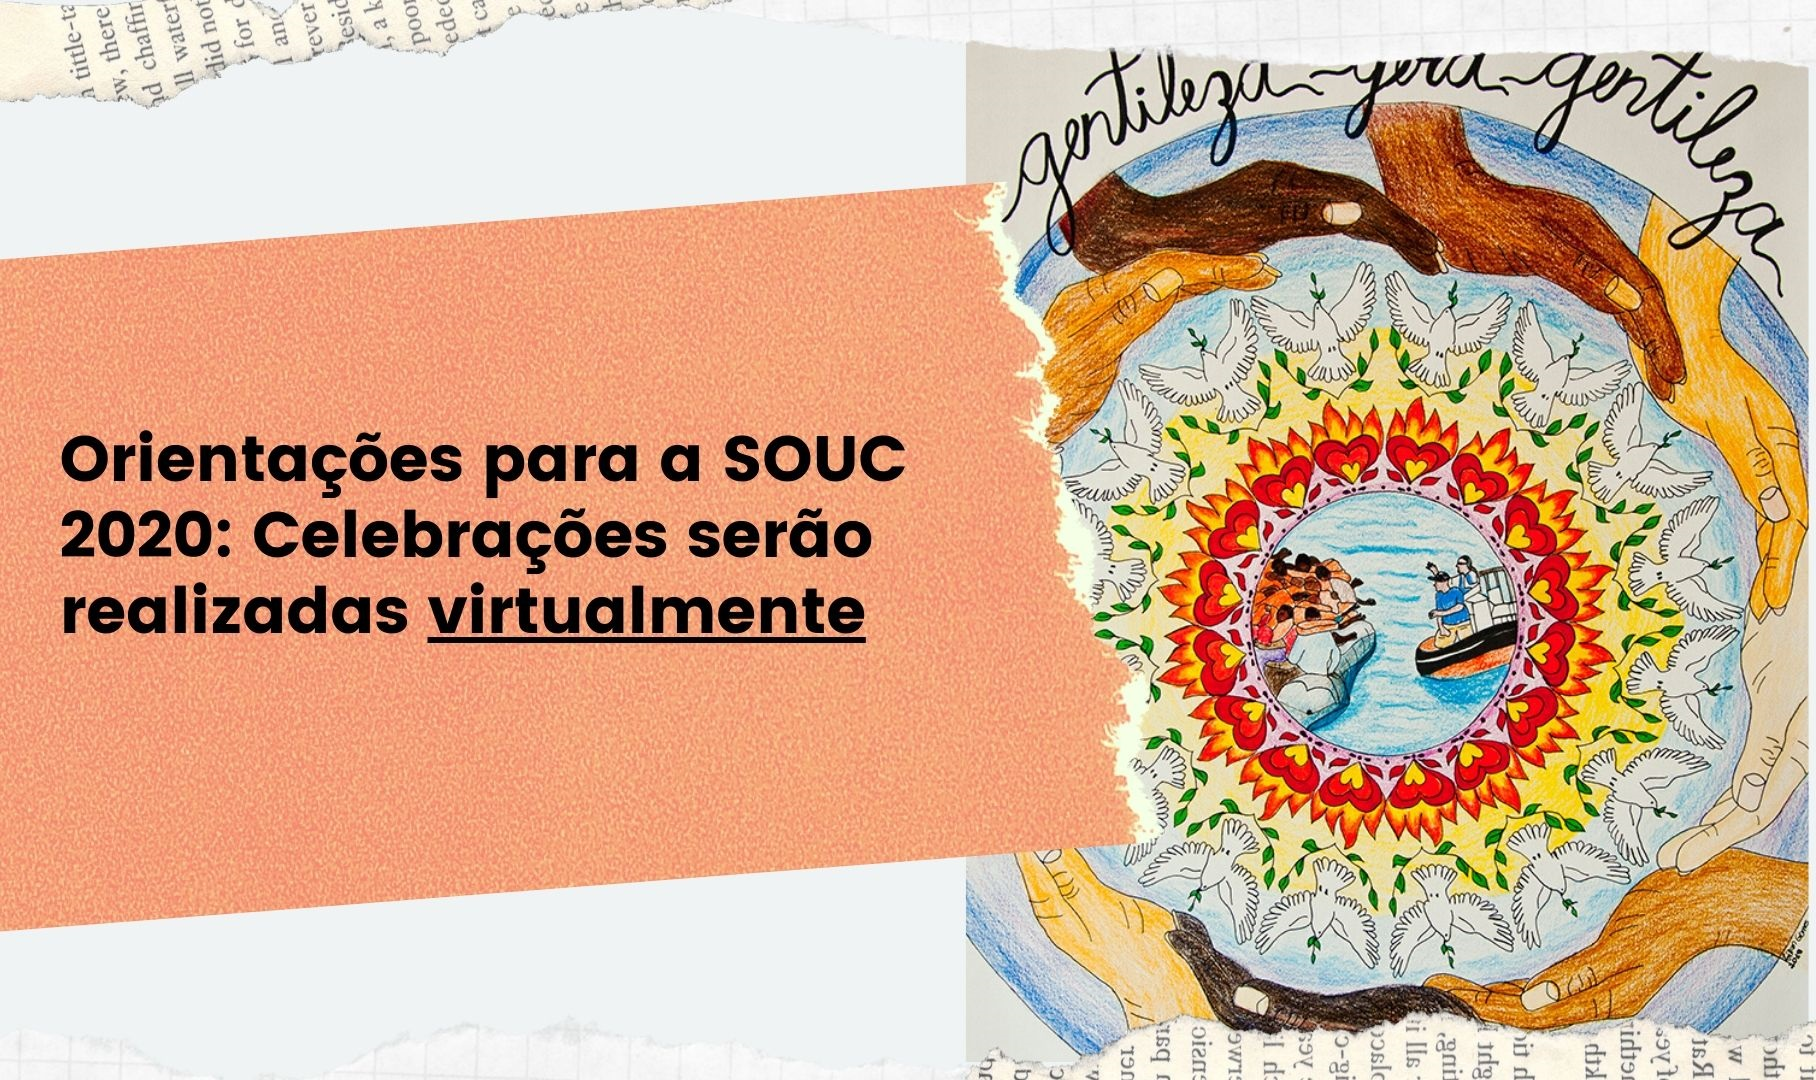 Orientações para a SOUC 2020: celebrações serão realizadas virtualmente